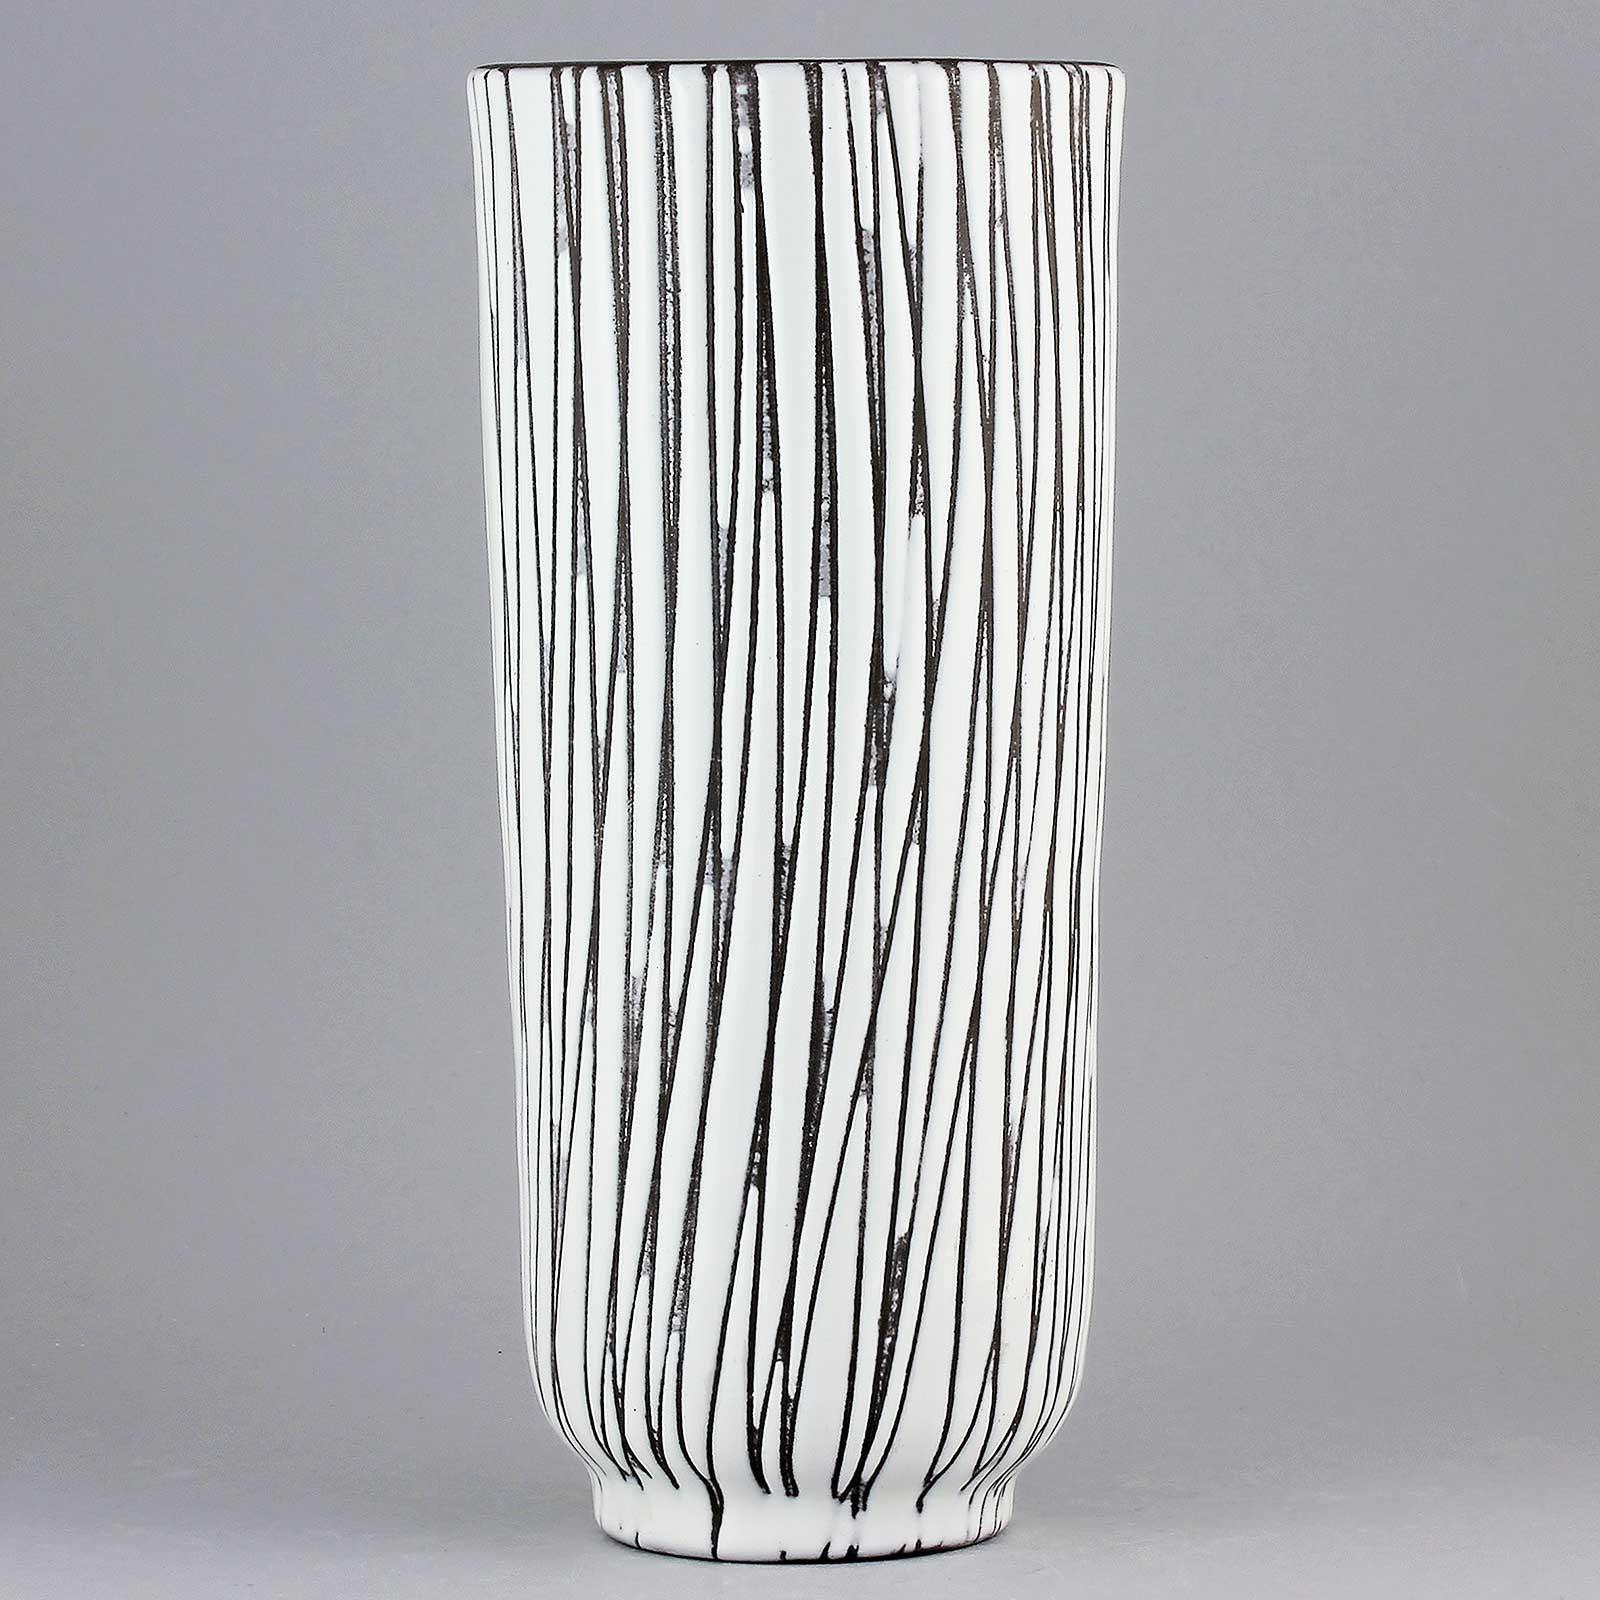 16 glass cylinder vase of mari simmulson mars 1952 striking cylinder vase within 160825699 origpic e7f23b